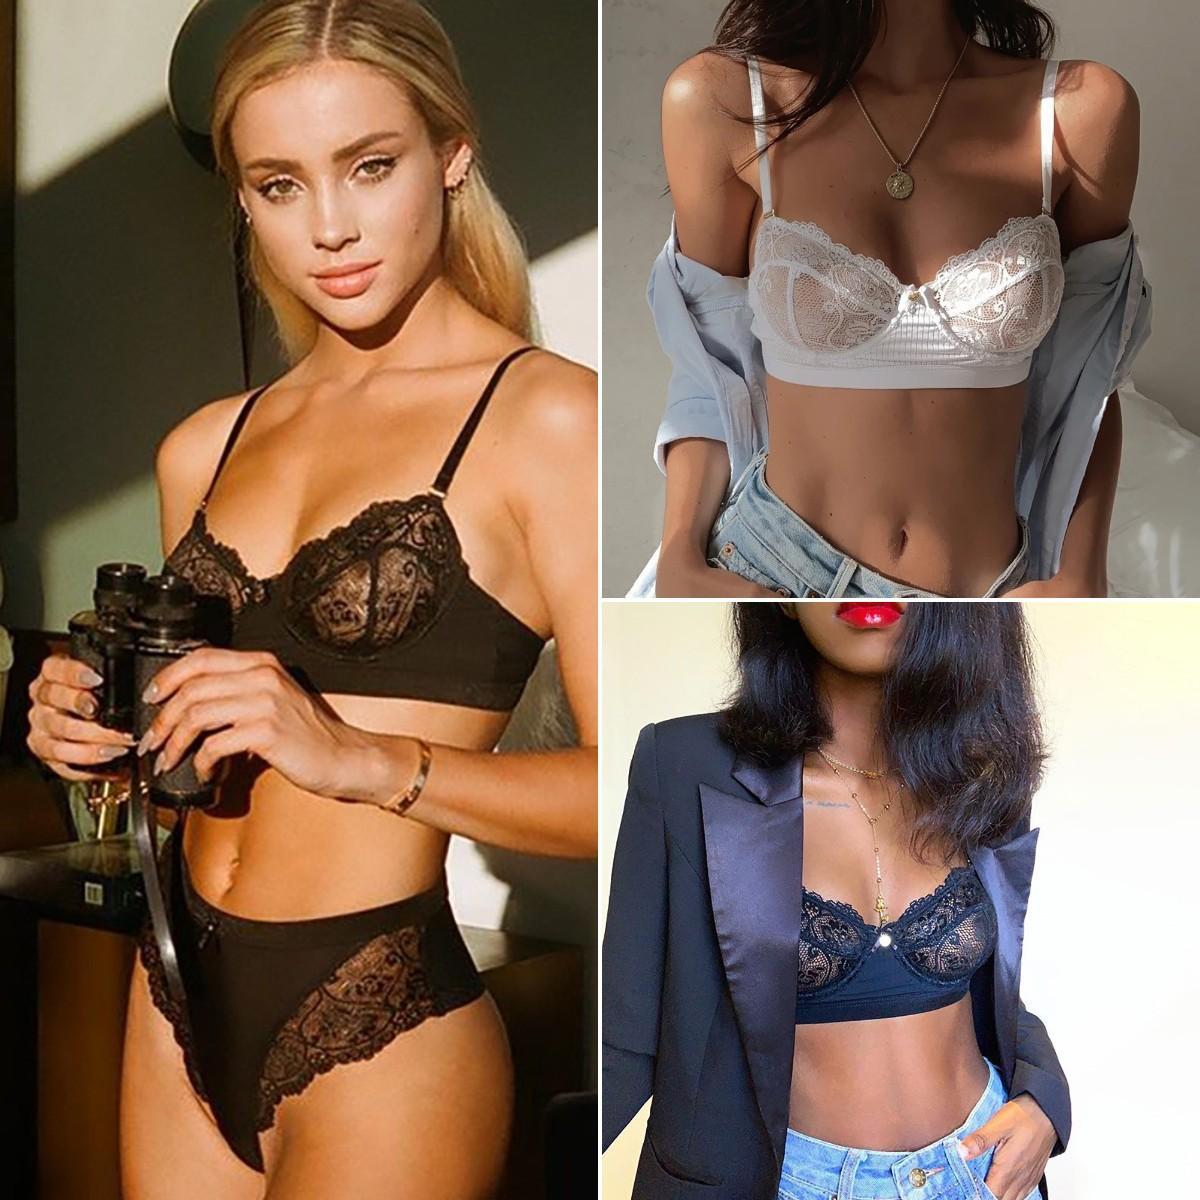 النسائية جنسي الملابس الداخلية شفاف الدانتيل فستان البرازيلي واللباس الداخلي مجموعة الملابس الداخلية البوليستر مجموعة العشير السيدات خزان أعلى سترة